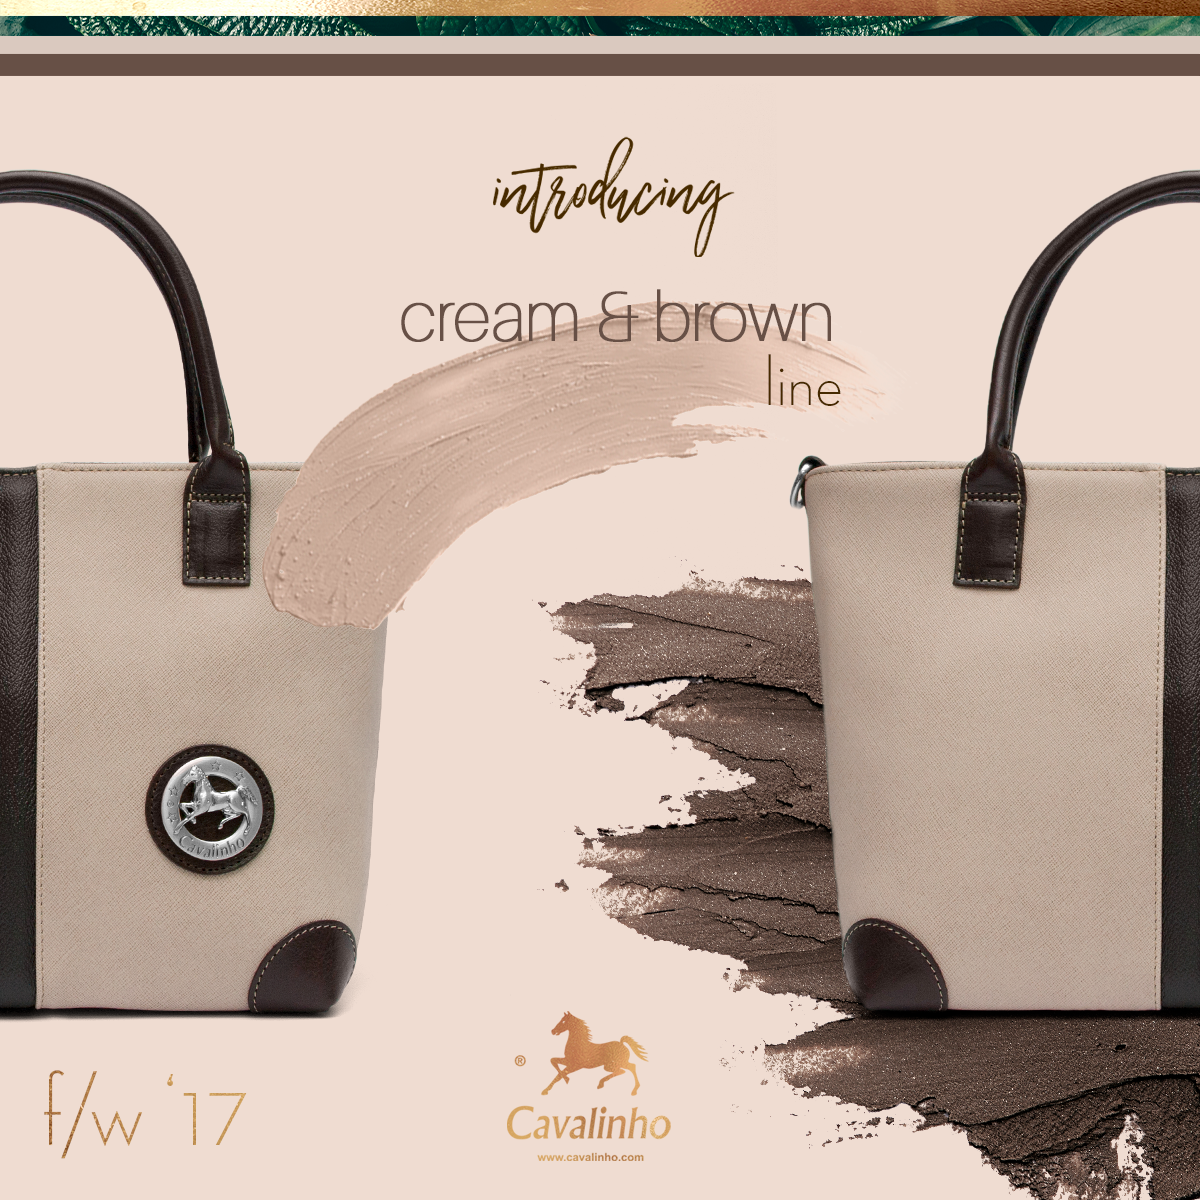 Nova Coleção Outono/Inverno 2017 Cavalinho - Cream & Brown Line